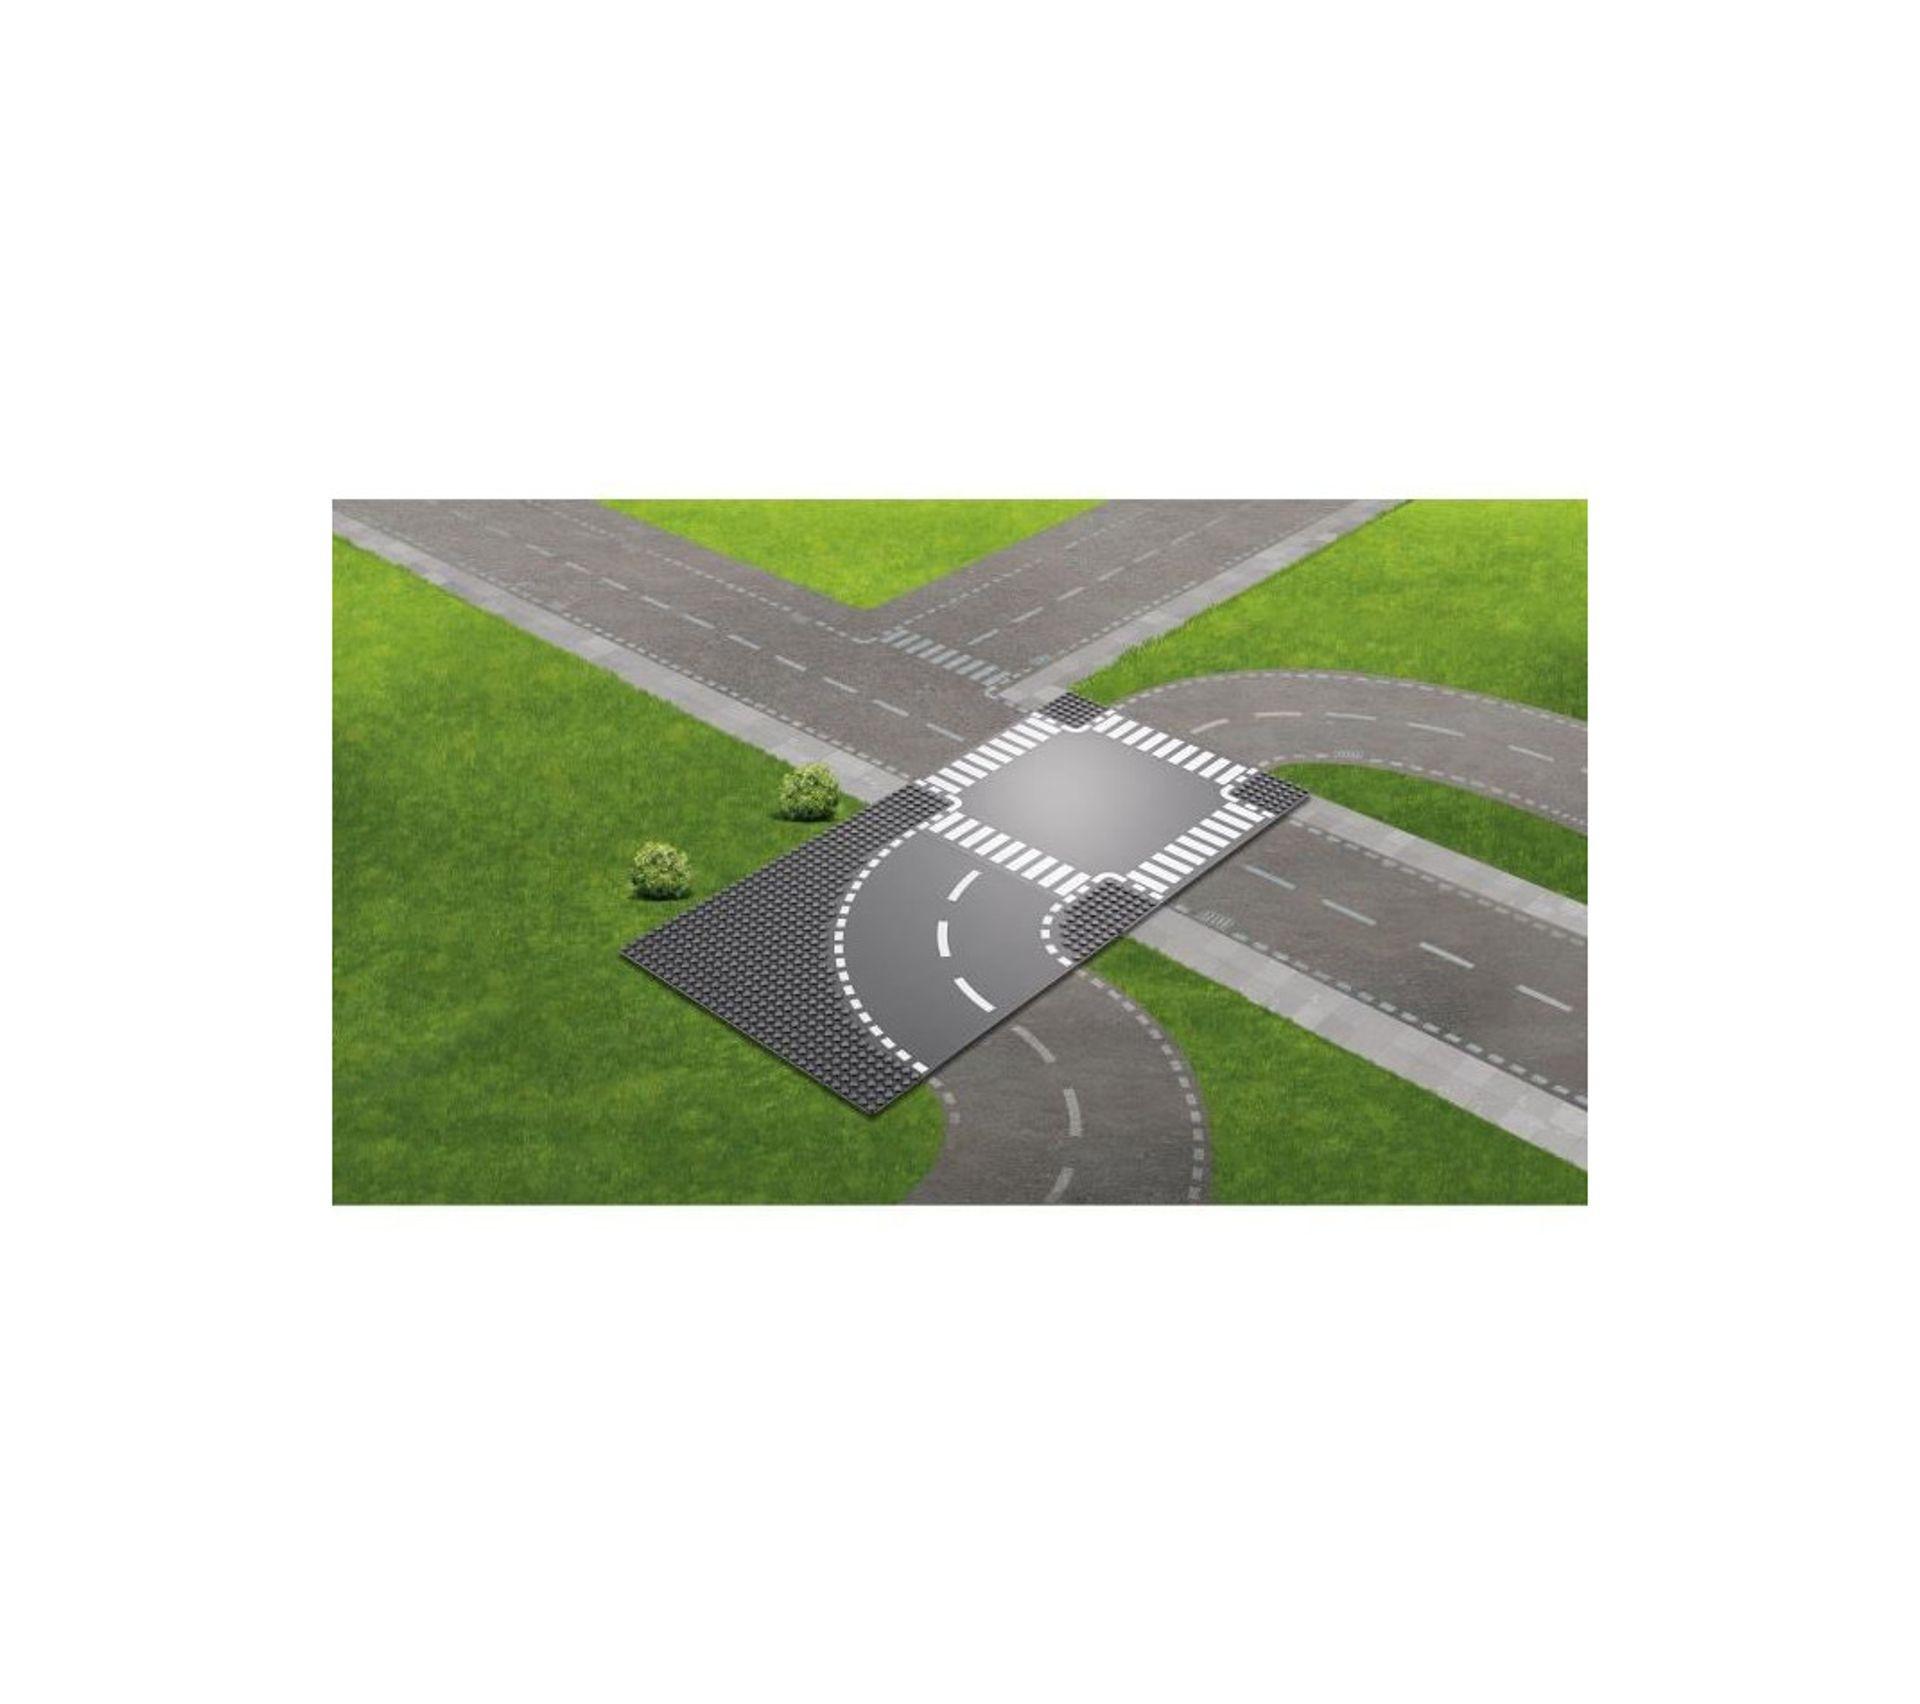 60237 Virage Et Carrefour Legor City Jeux De